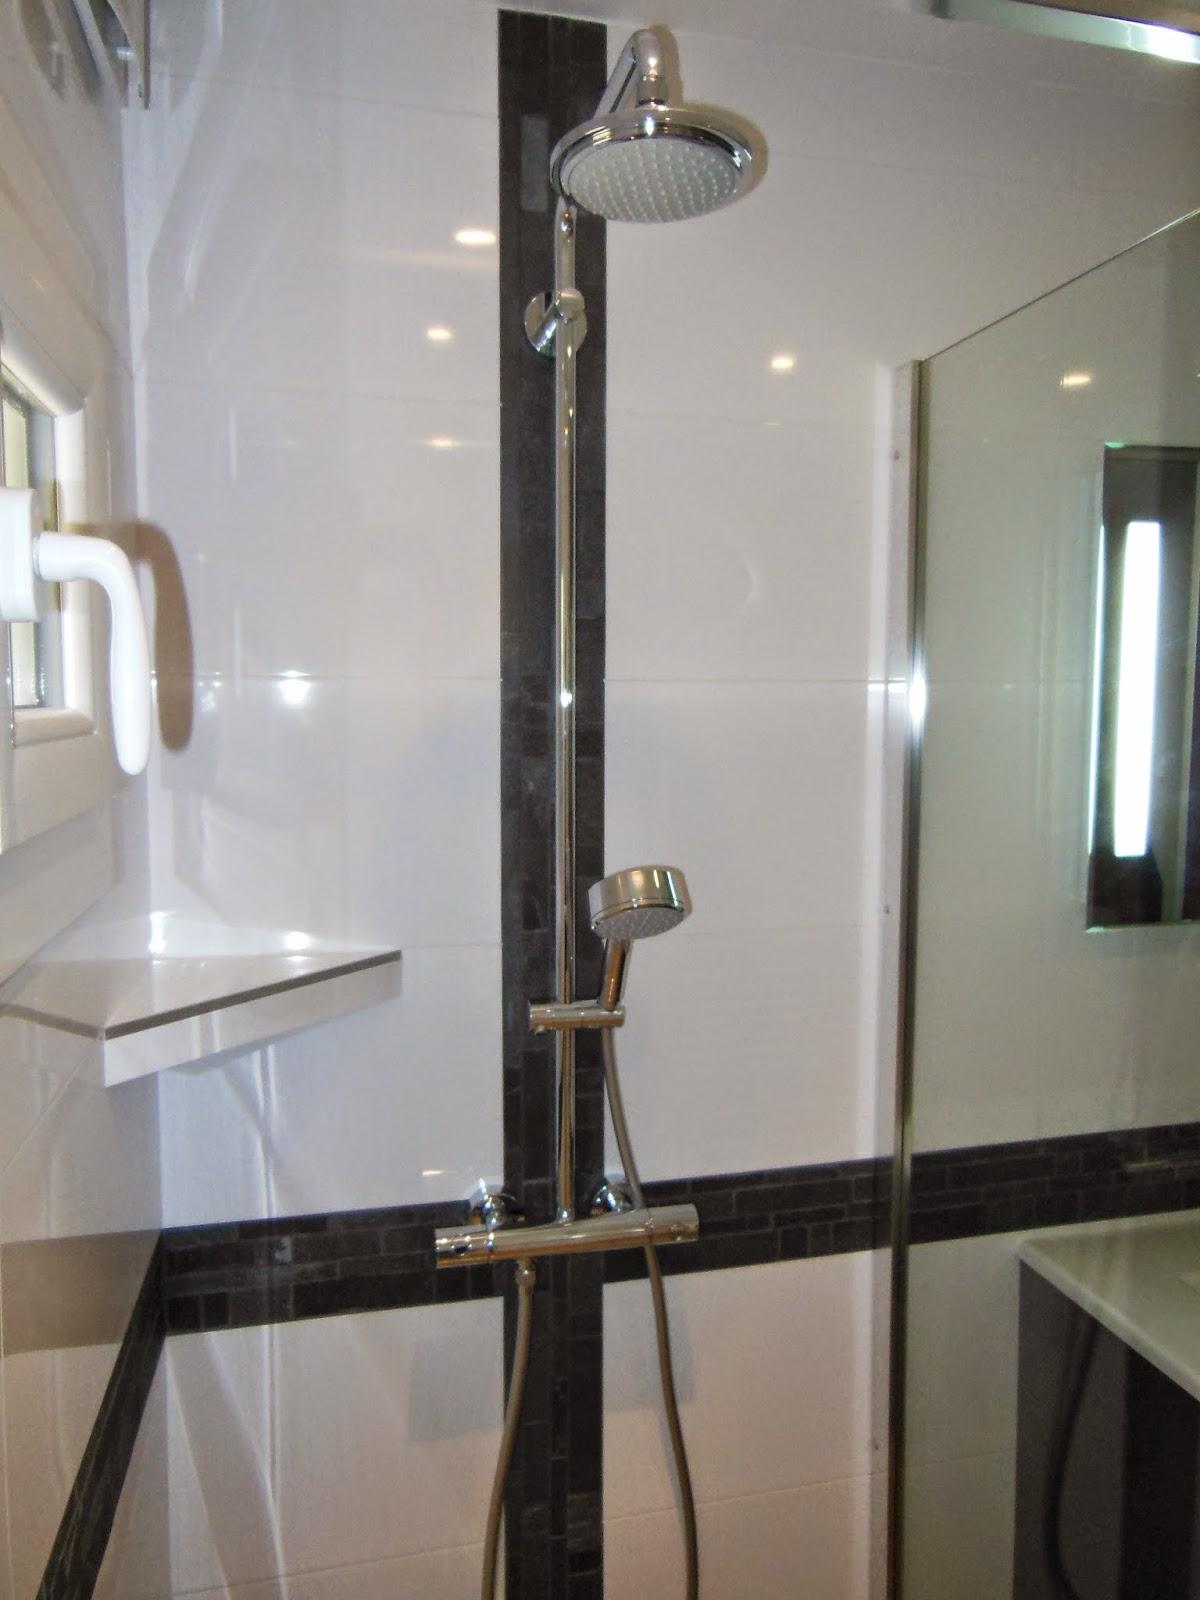 #5B4F3E CREATION DE SALLES DE BAINS DOUCHE A L' ITALIENNE ET  2743 petite salle de bain haut de gamme 1200x1600 px @ aertt.com